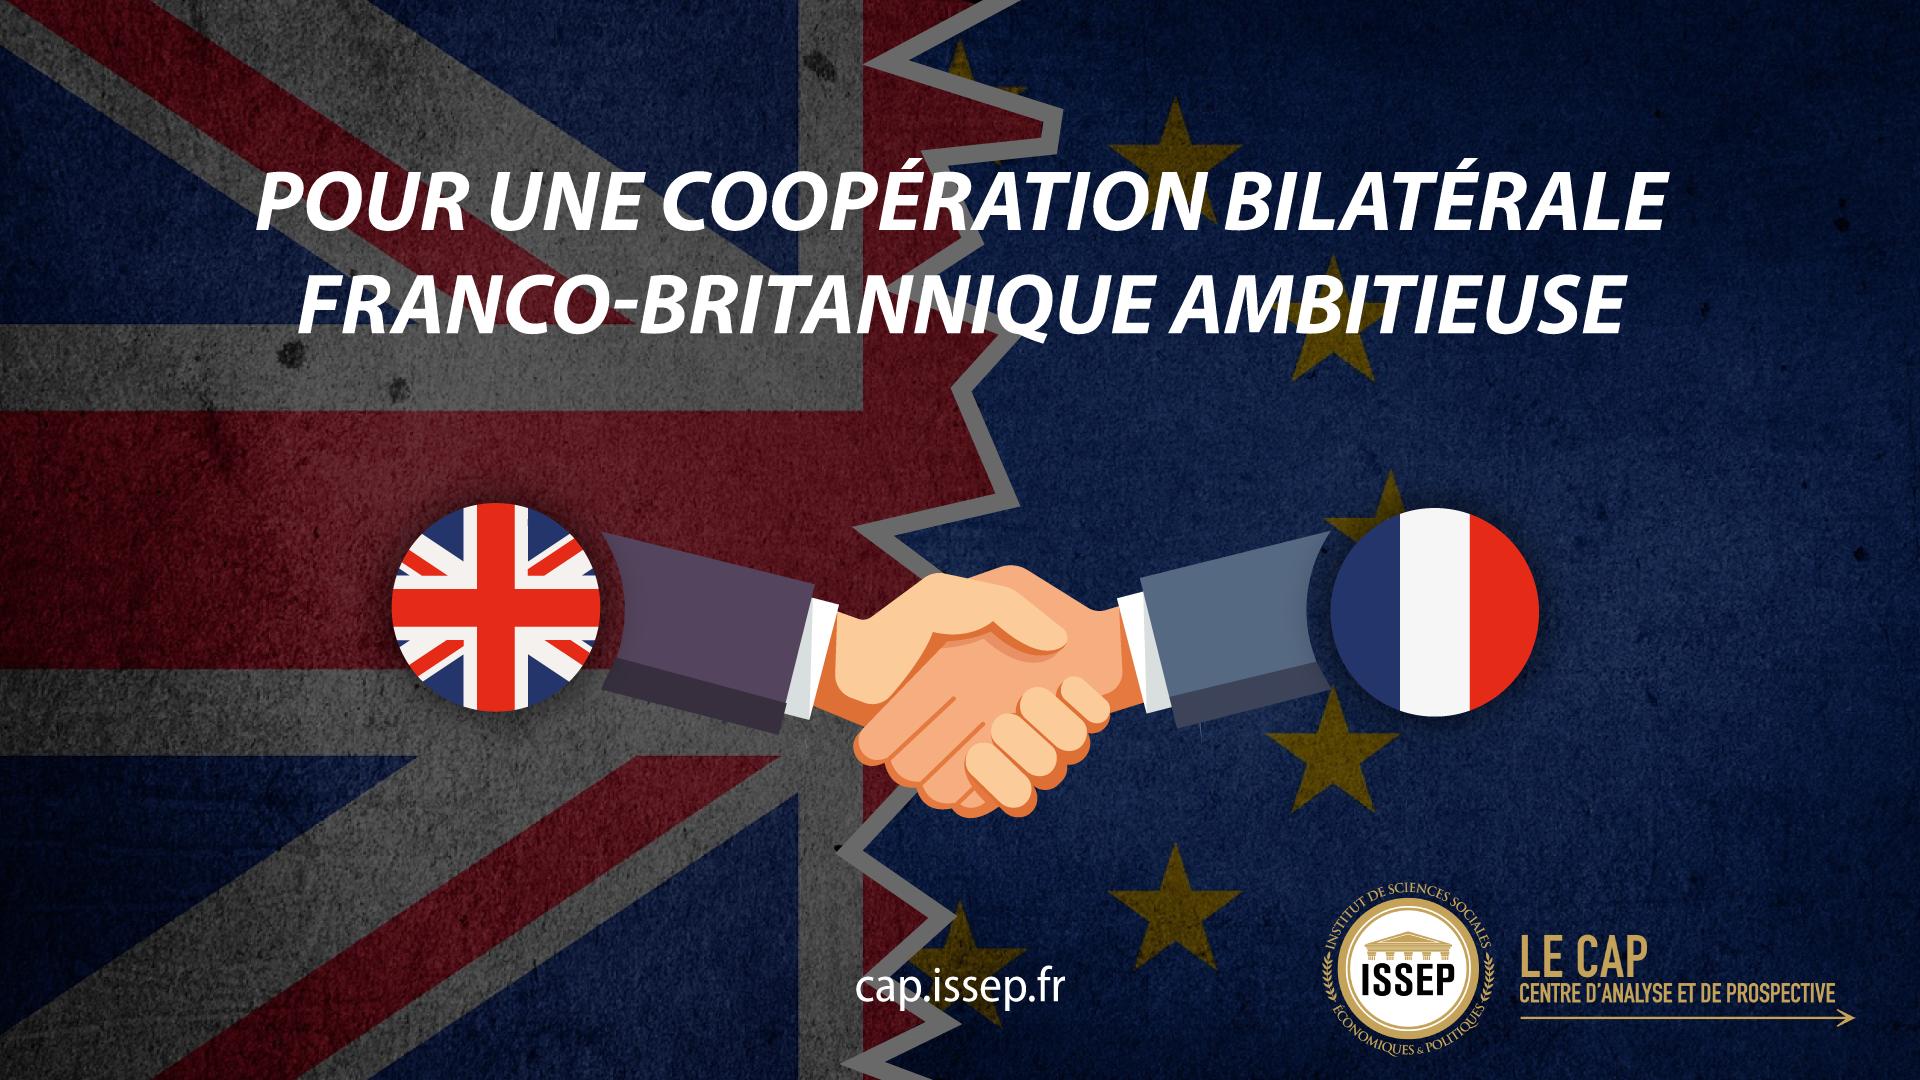 Pour une copperation bilatérale franco-britannique ambitieuse - NOTE D'ACTU DU CAP DE L'ISSEP